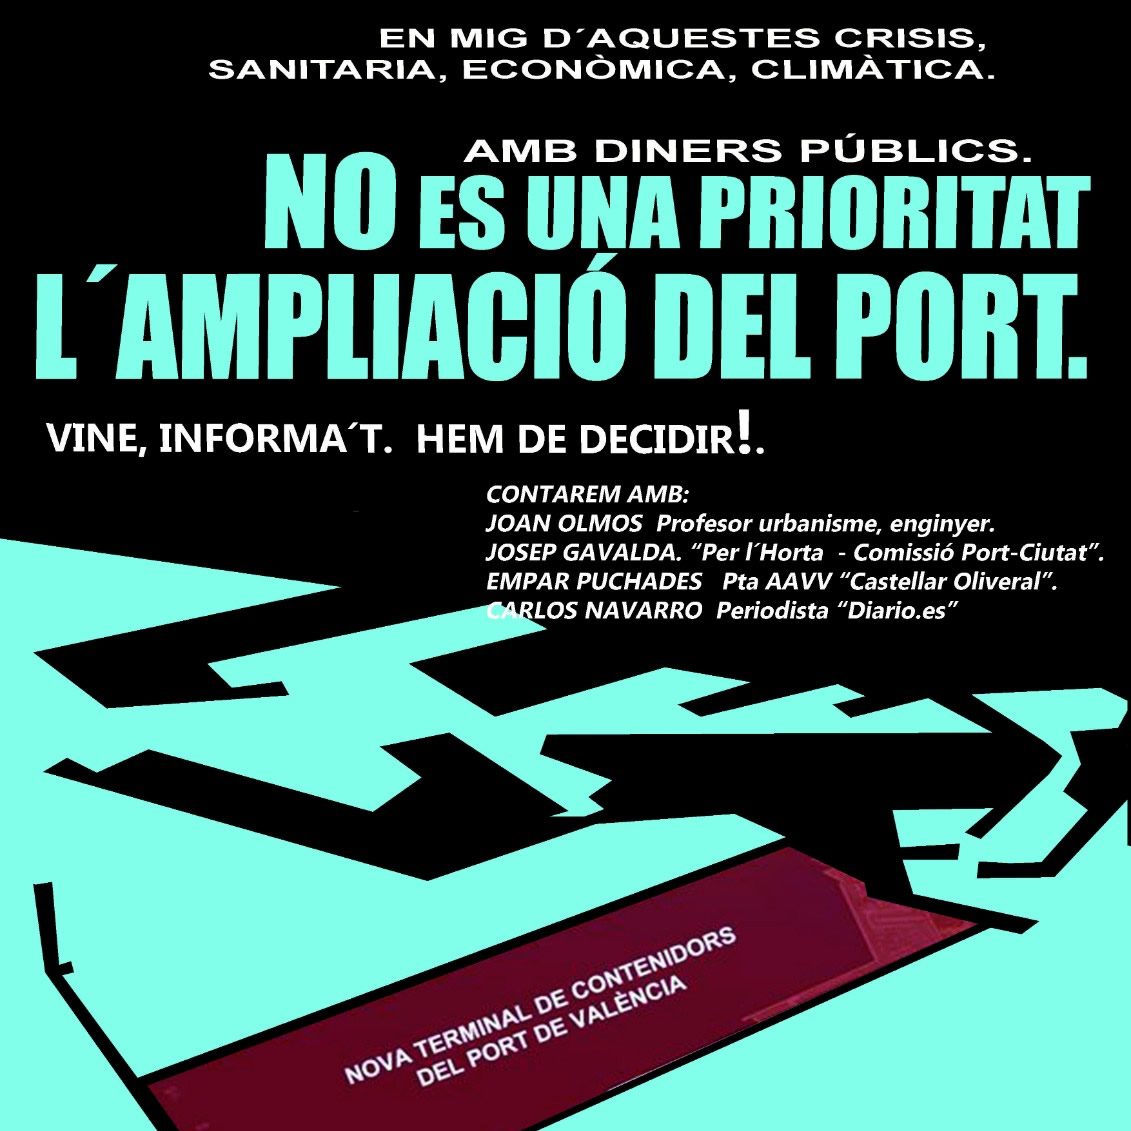 Ampliació del port